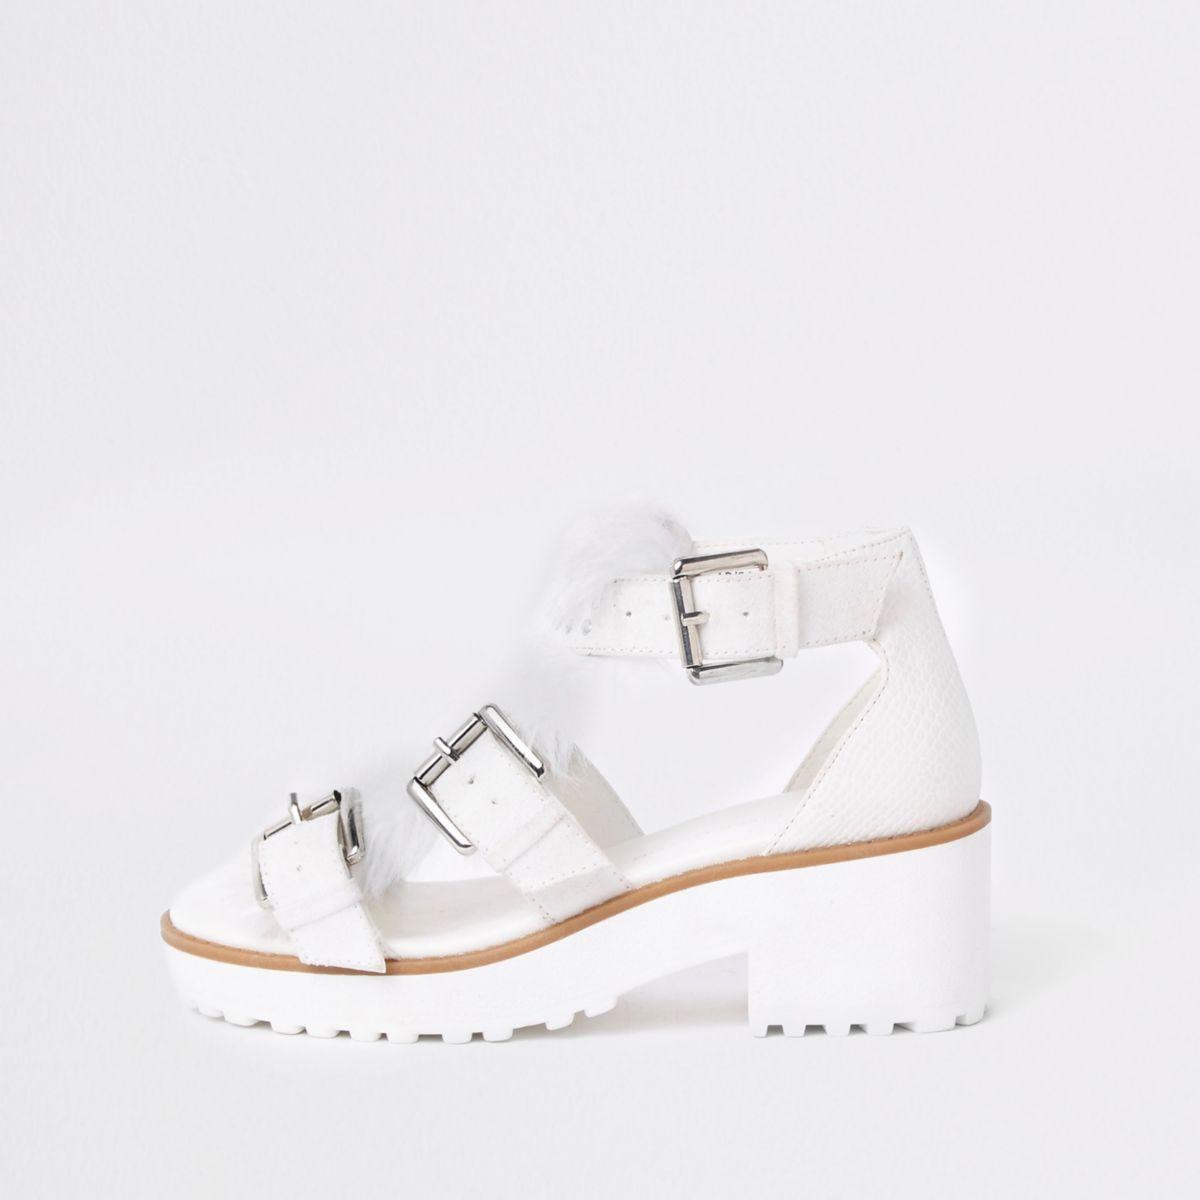 Weiße, grobe Sandalen mit Fellbesatz